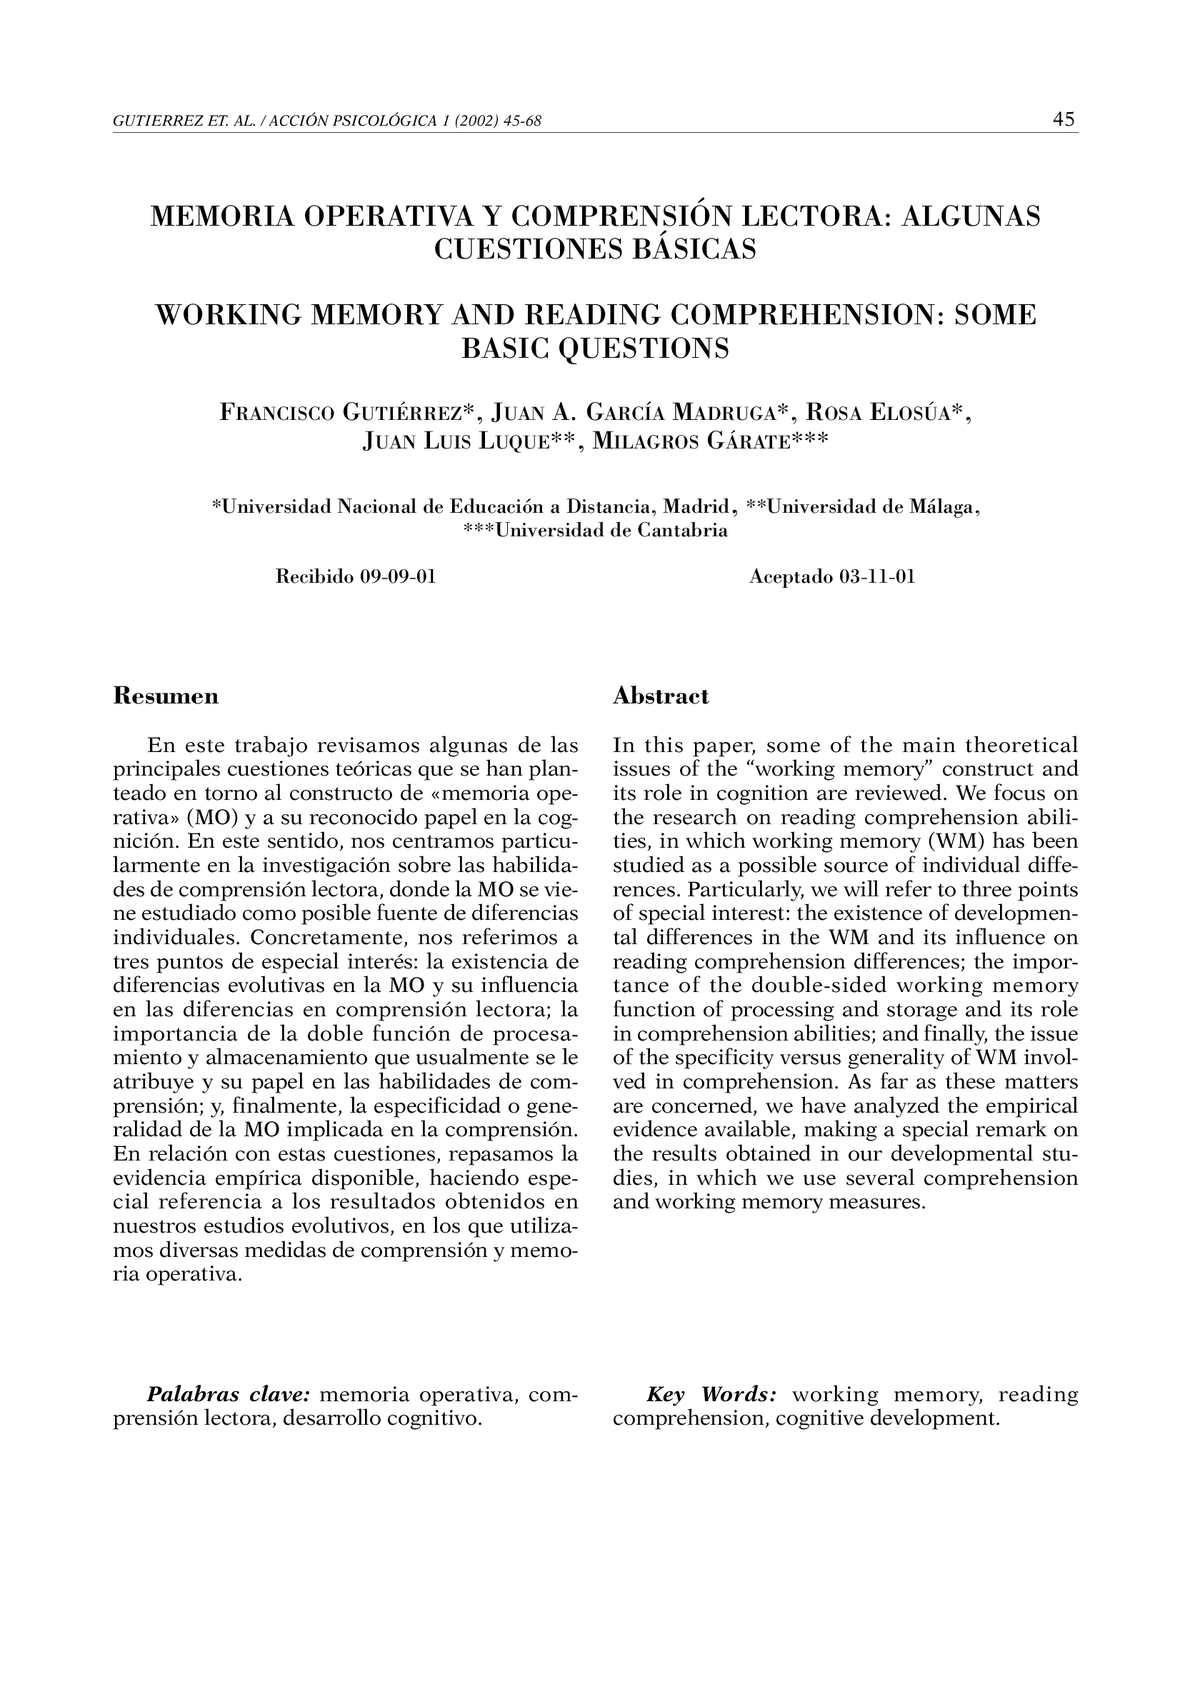 Calaméo - Memoria Operativa y Comprensión Lectora_Algunas Cuestiones ...